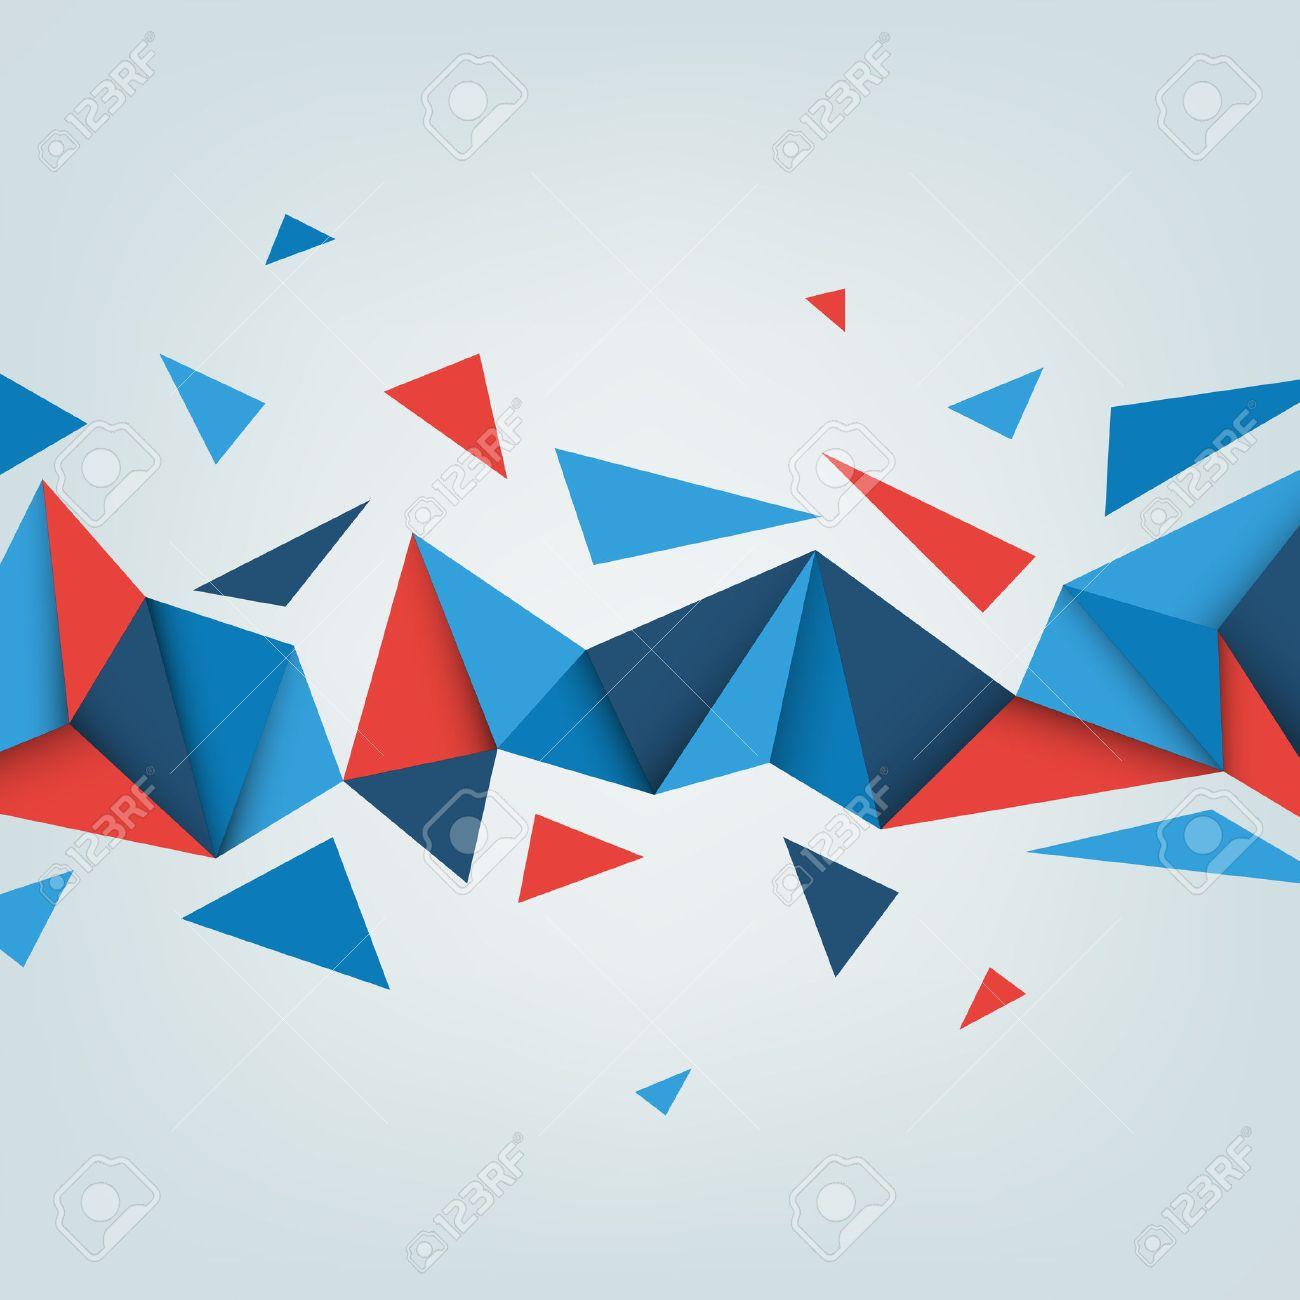 低ポリのベクトルの背景。三角形の抽象的なテクスチャのイラスト